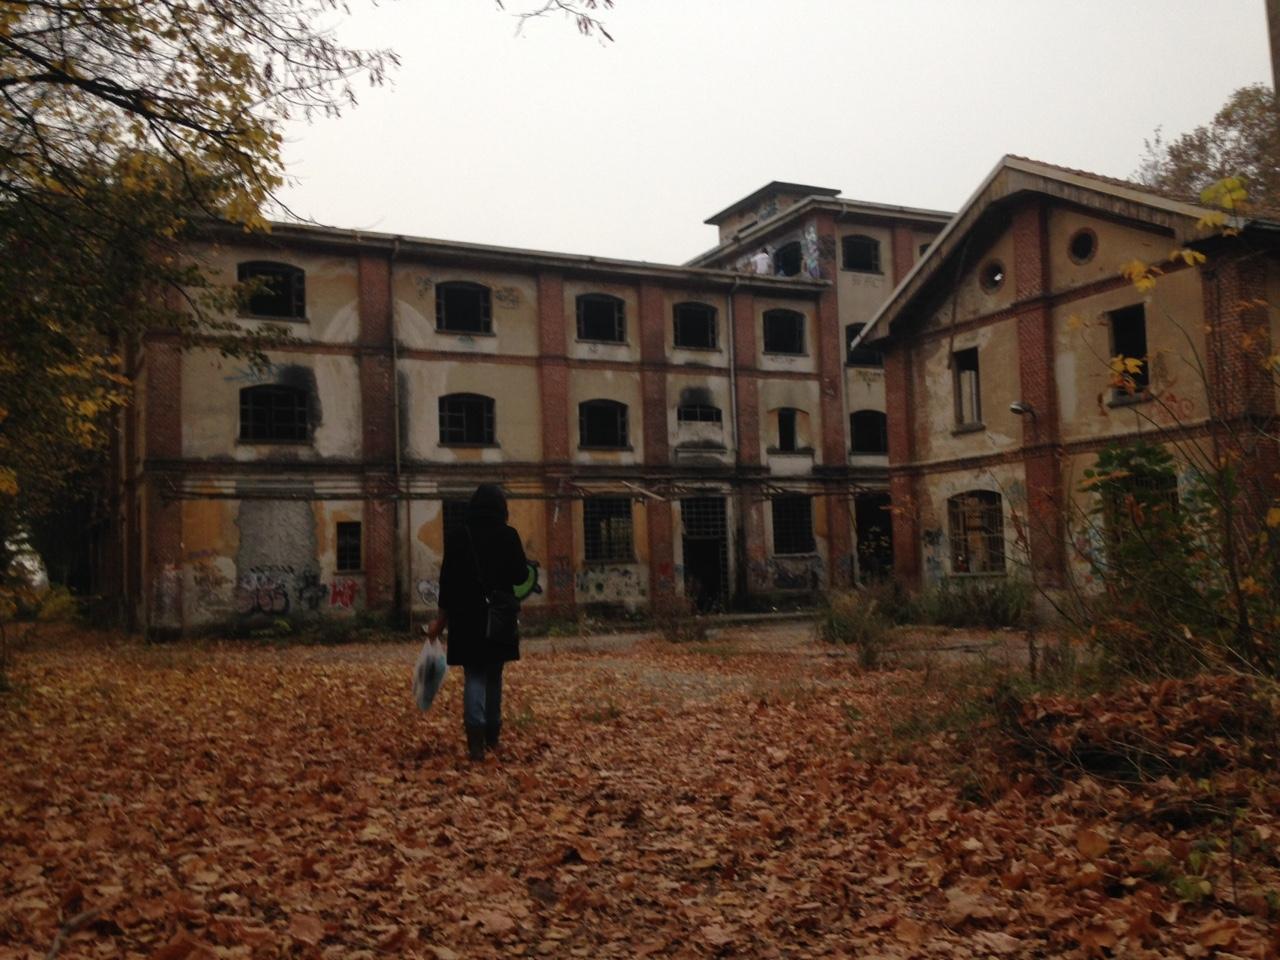 Chiese ospedali ferrovie fabbriche prigioni viaggio for Luoghi abbandonati nord italia